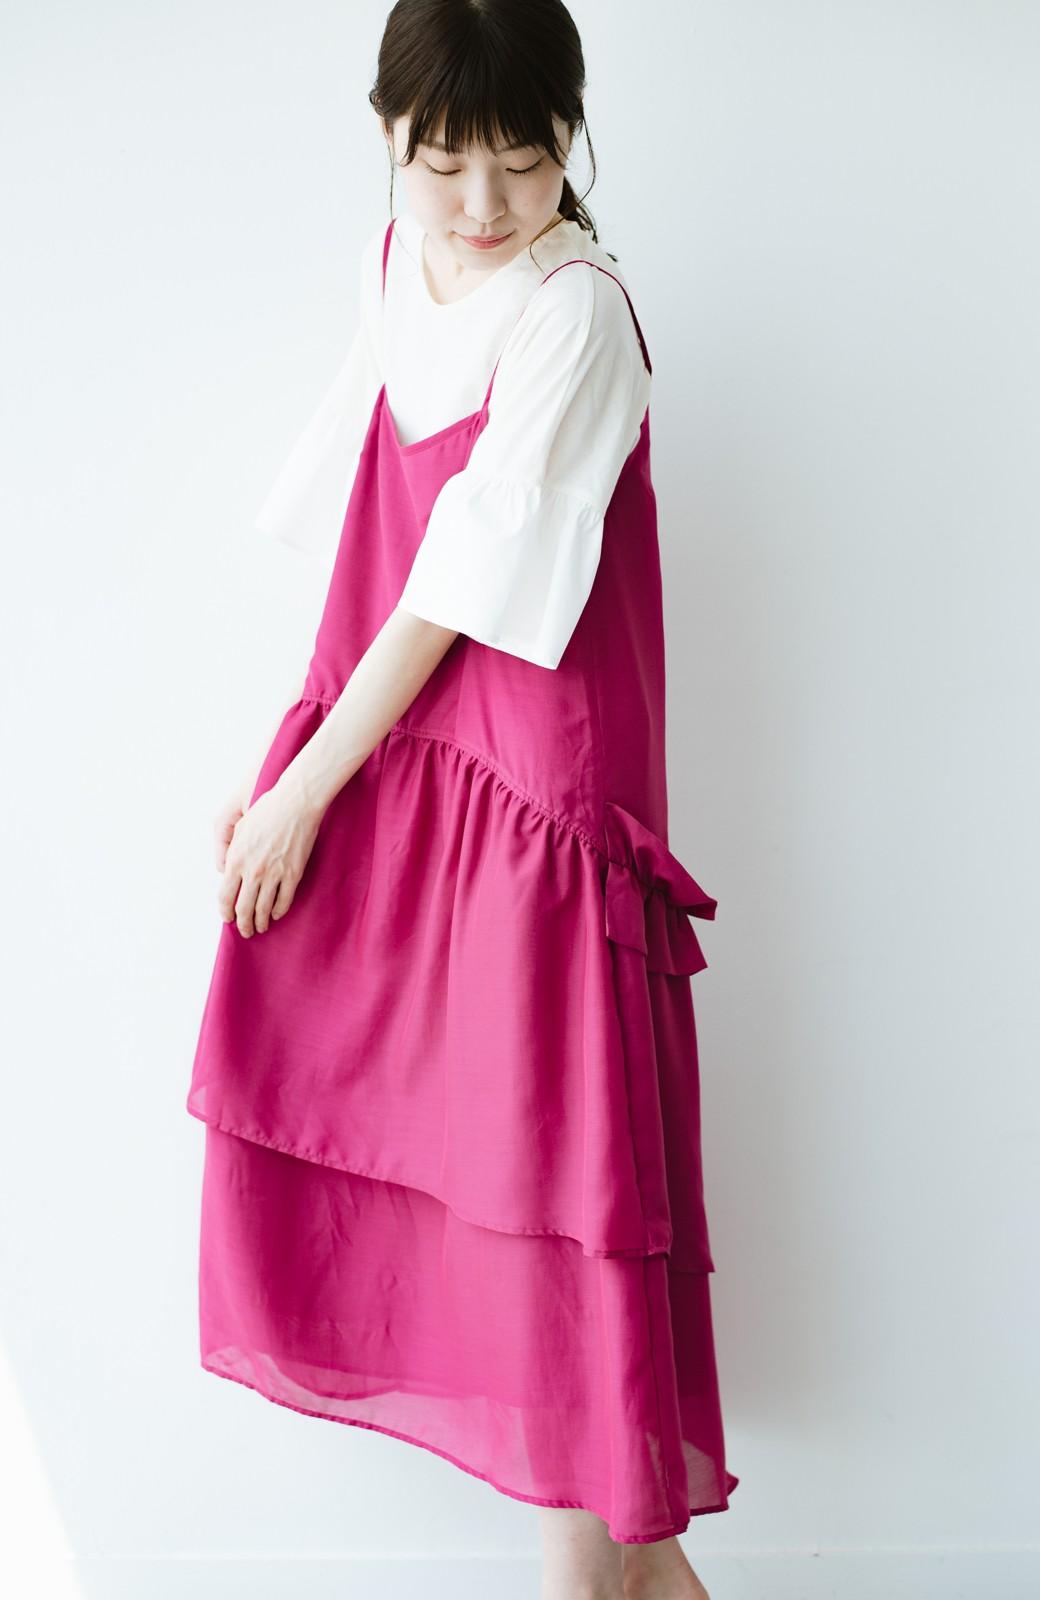 haco! てとひとて KANA MATSUNAMI  ティアードキャミドレス  <ピンク>の商品写真2